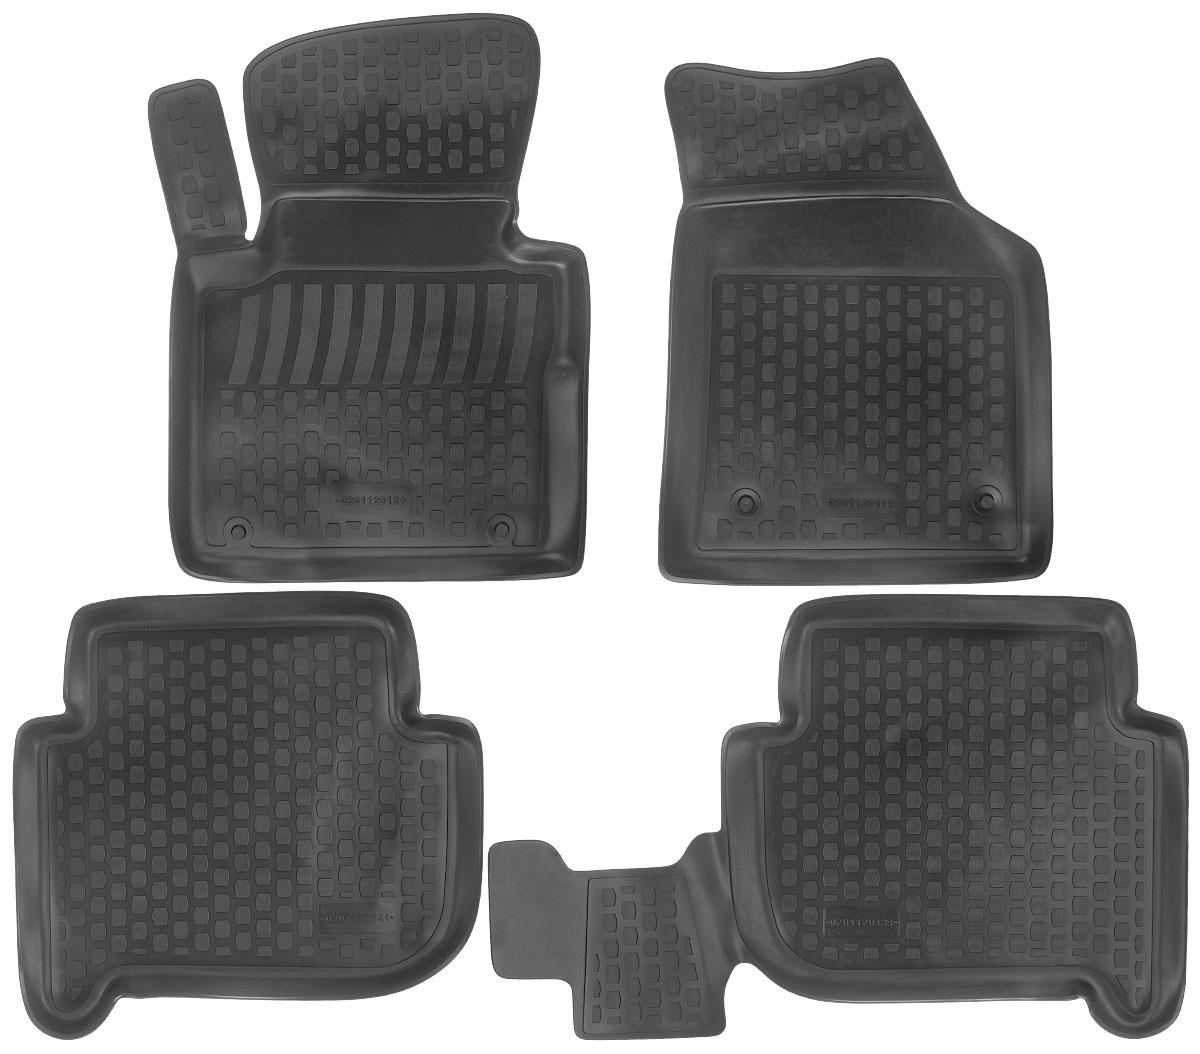 Набор автомобильных ковриков L.Locker Volkswagen Touran 2003, в салон, 4 штTER-555 BKНабор L.Locker Volkswagen Touran 2003, изготовленный из полиуретана, состоит из 4 антискользящих 3D ковриков,которые производятся индивидуально для каждой моделиавтомобиля. Изделие точно повторяет геометрию пола автомобиля, имеет высокийборт, обладает повышенной износоустойчивостью, лишено резкого запаха и сохраняет своипотребительские свойства в широком диапазоне температур от -50°С до +50°С.Комплектация: 4 шт.Размер ковриков: 73 см х 54 см; 60 см х 56 см; 91 см х 56 см; 68 см х 49 см.